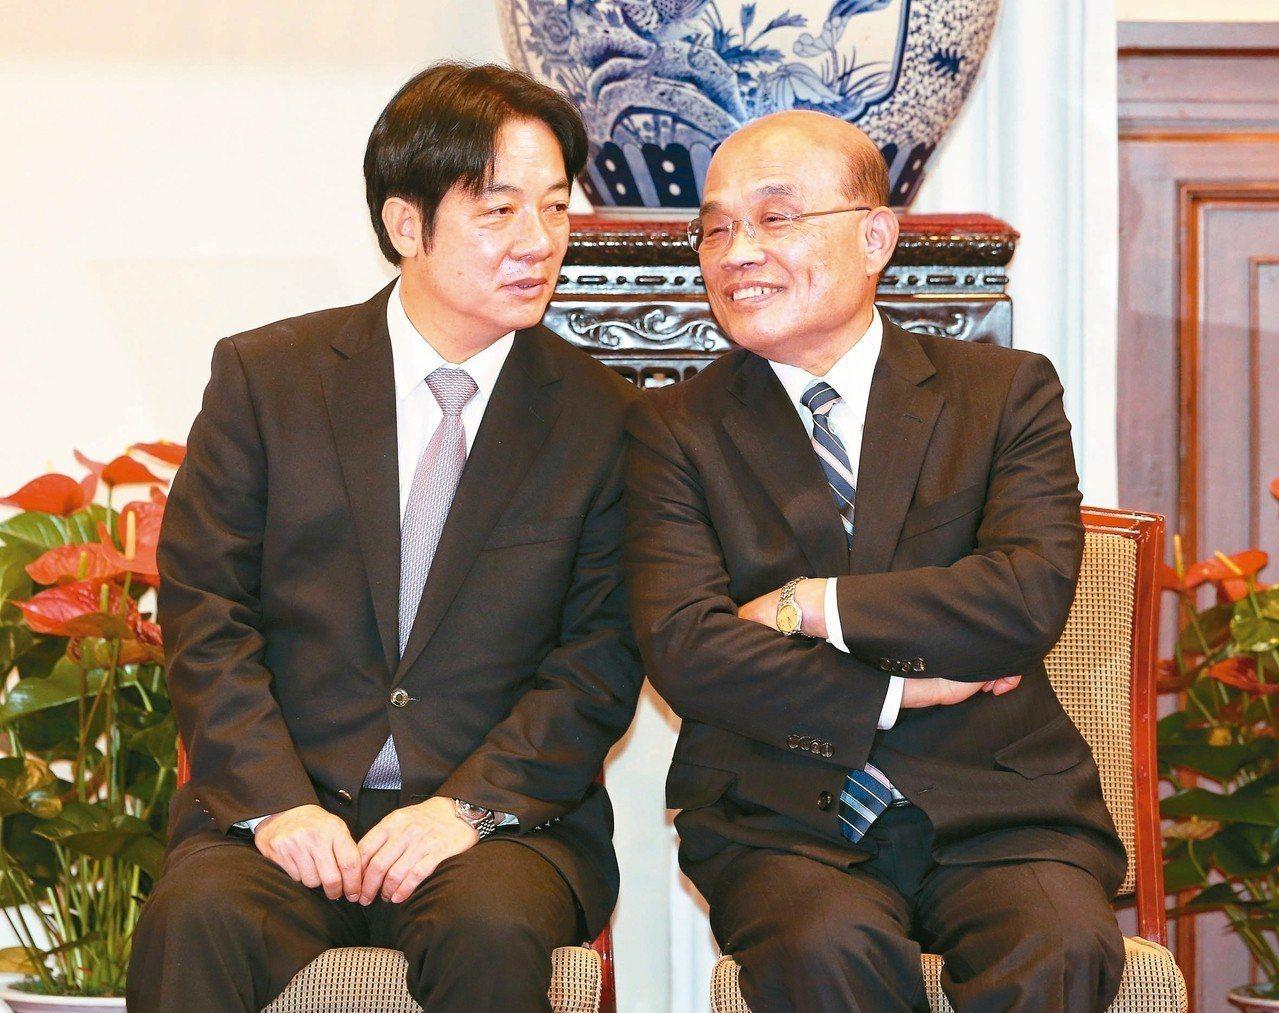 賴清德(左)昨率內閣總辭後,蔡英文總統隨即在總統府舉行記者會宣布新任閣揆由蘇貞昌...